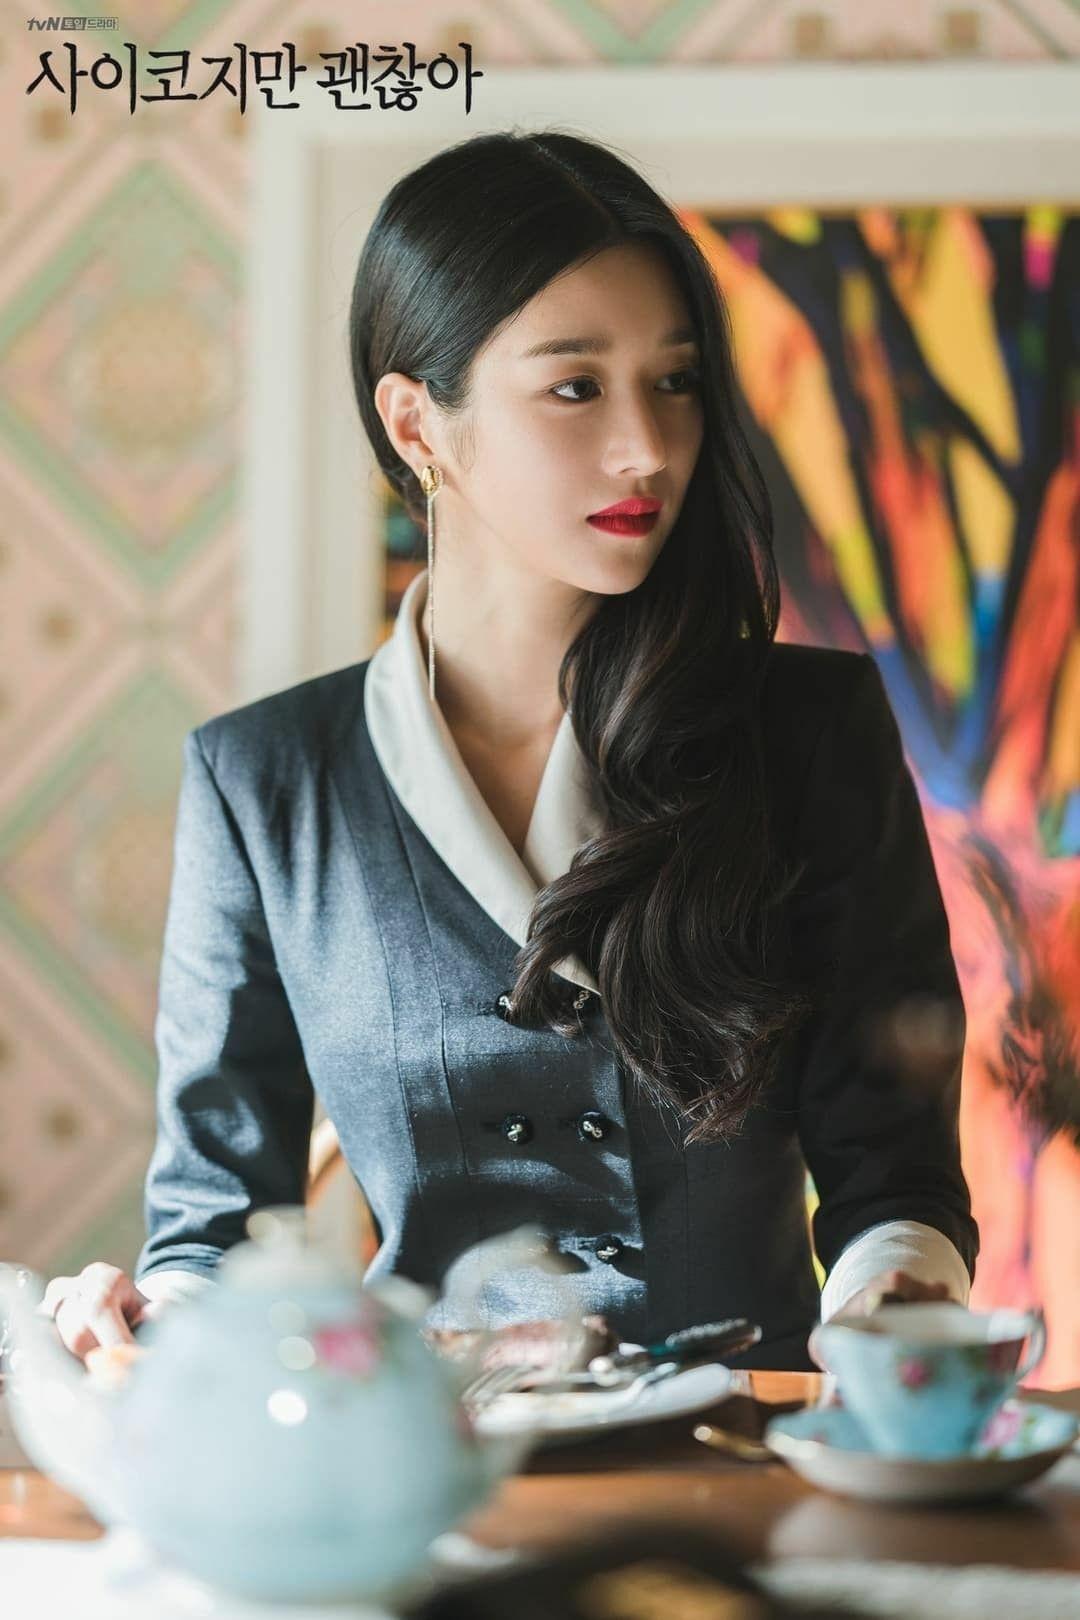 Tái xuất màn ảnh nhỏ với drama Điên thì có sao? (Its okay to not be okay), Seo Ye Ji gây sốt với hình tượng nữ nhà văn giàu có. Có tính cách lạnh lùng, kiêu ngạo, Moon Young theo đuổi phong cách quý tộc sang chảnh. Mỗi phân cảnh xuất hiện, cô nàng luôn khiến người xem mãn nhãn với váy áo đẳng cấp.